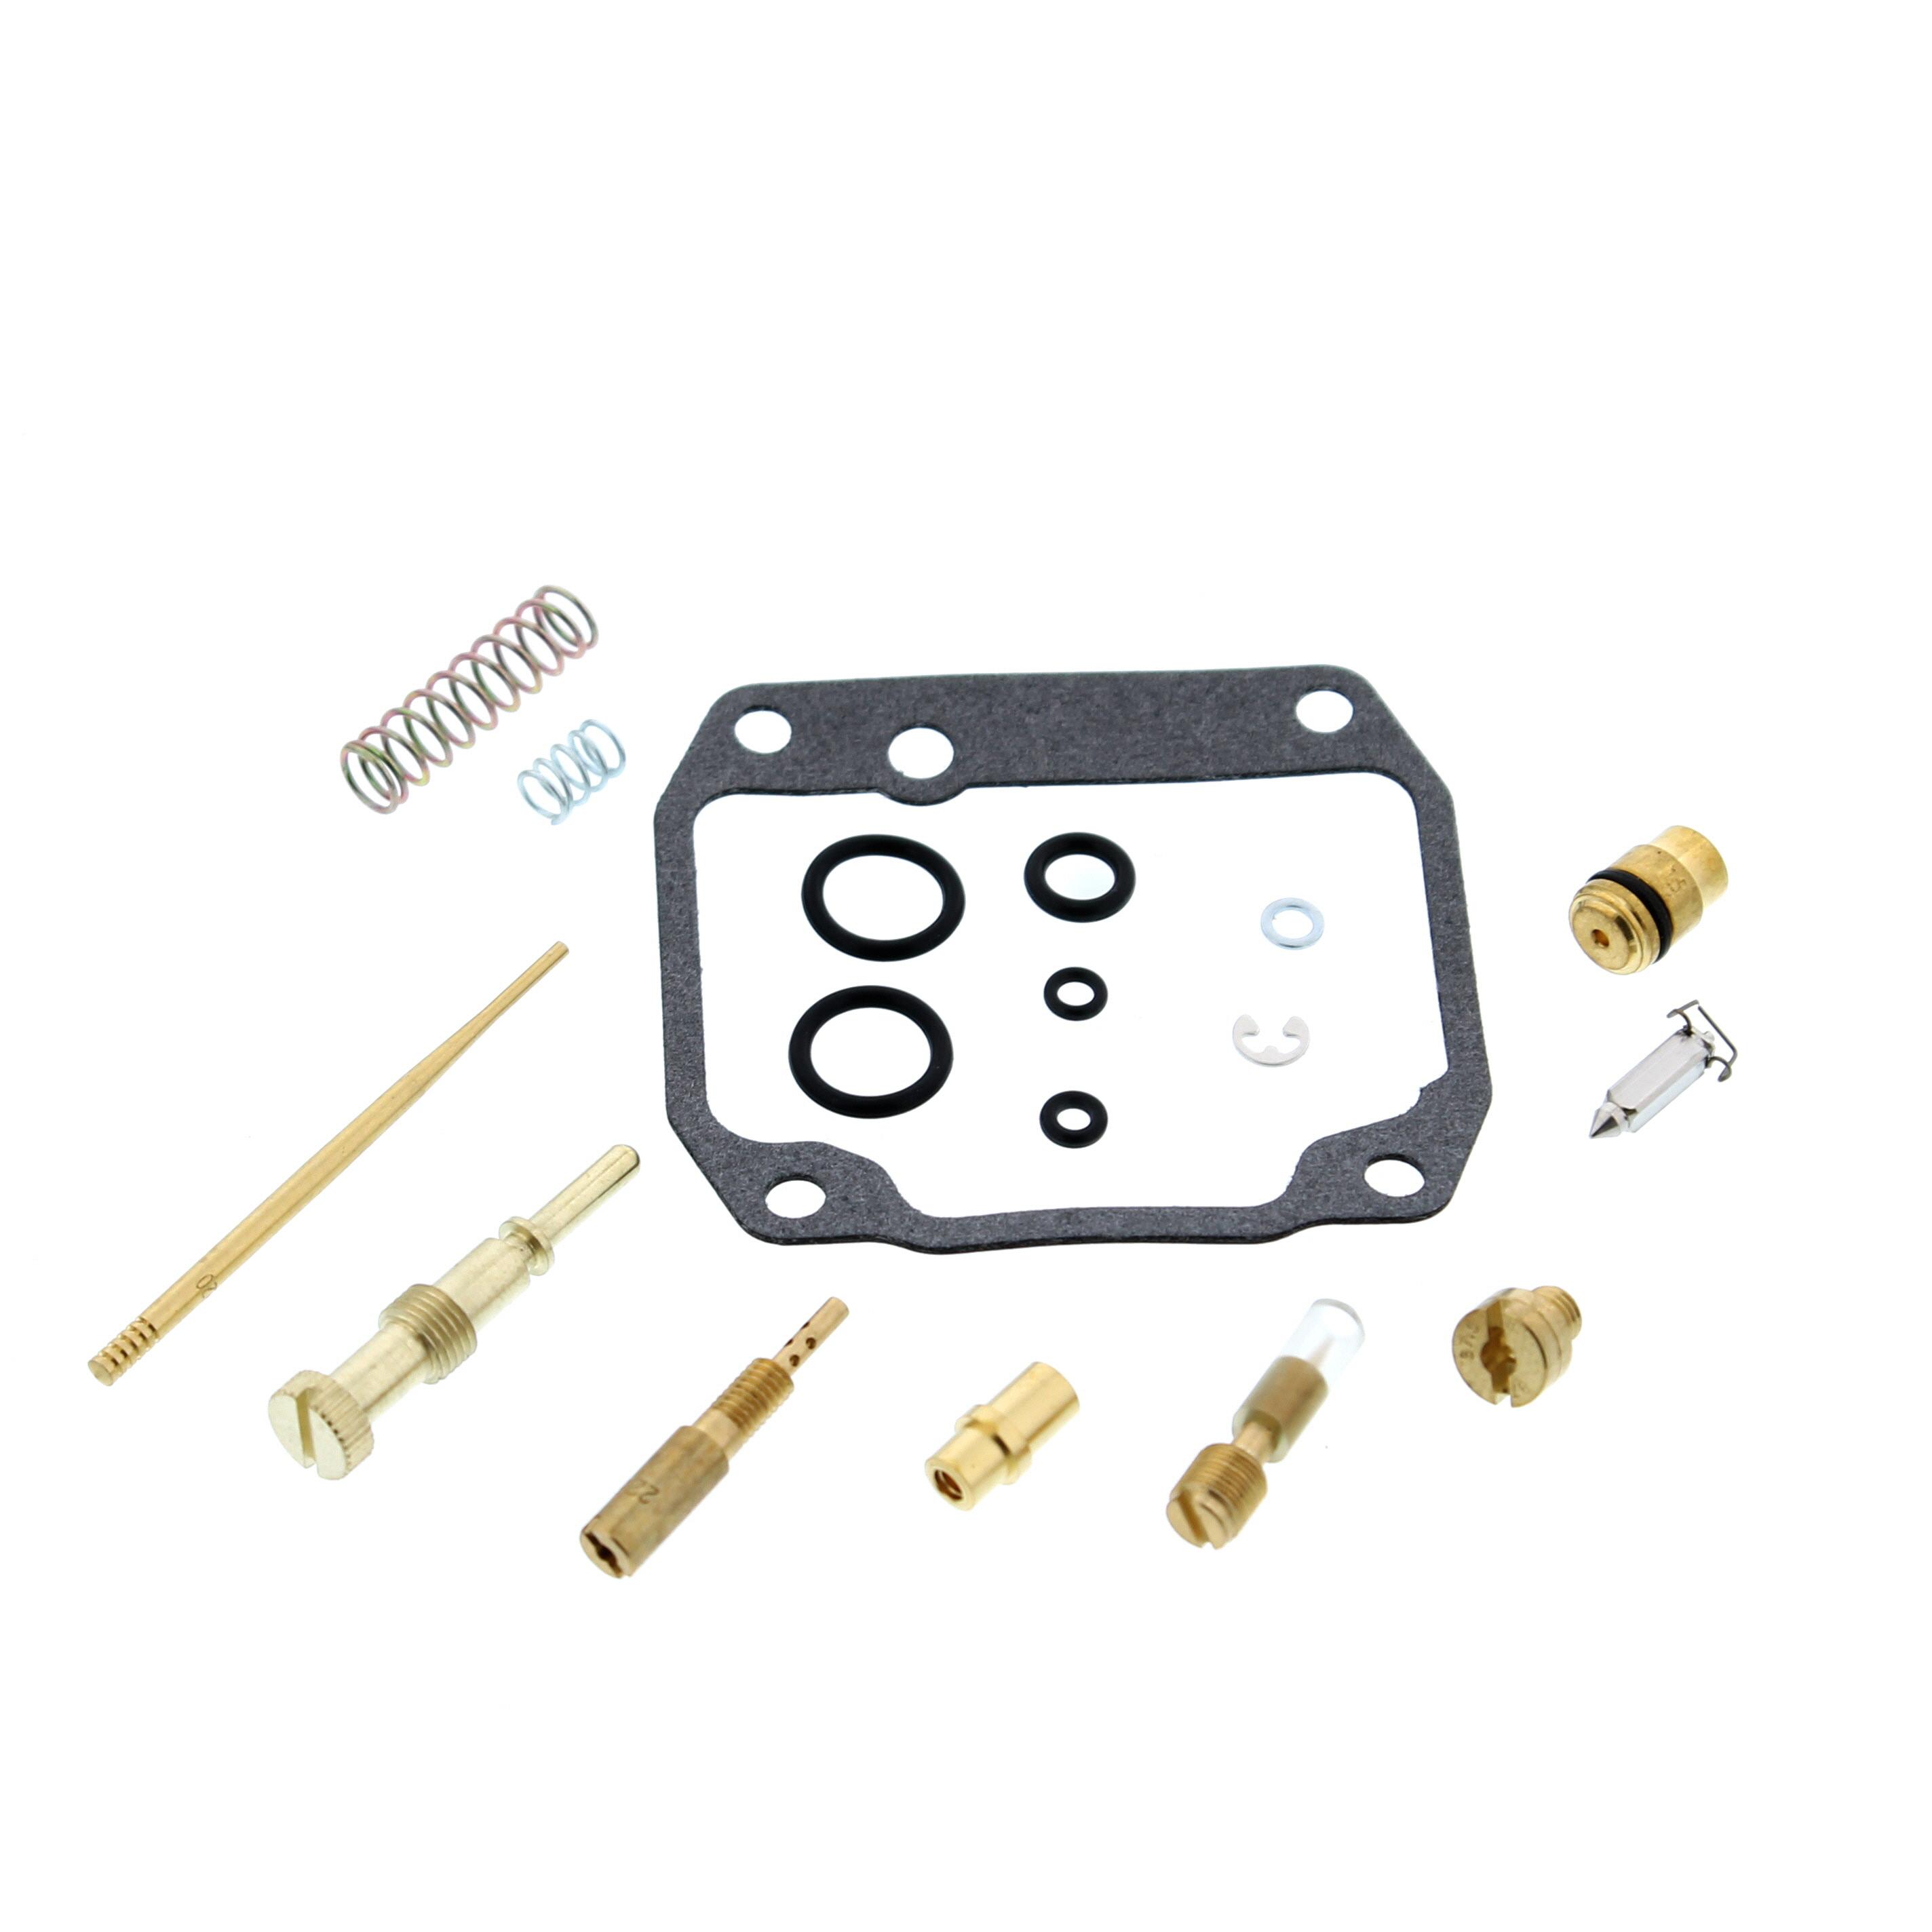 #X151 New Genuine Suzuki Carburetor LT160 LTF160 Quadrunner Carb See Notes